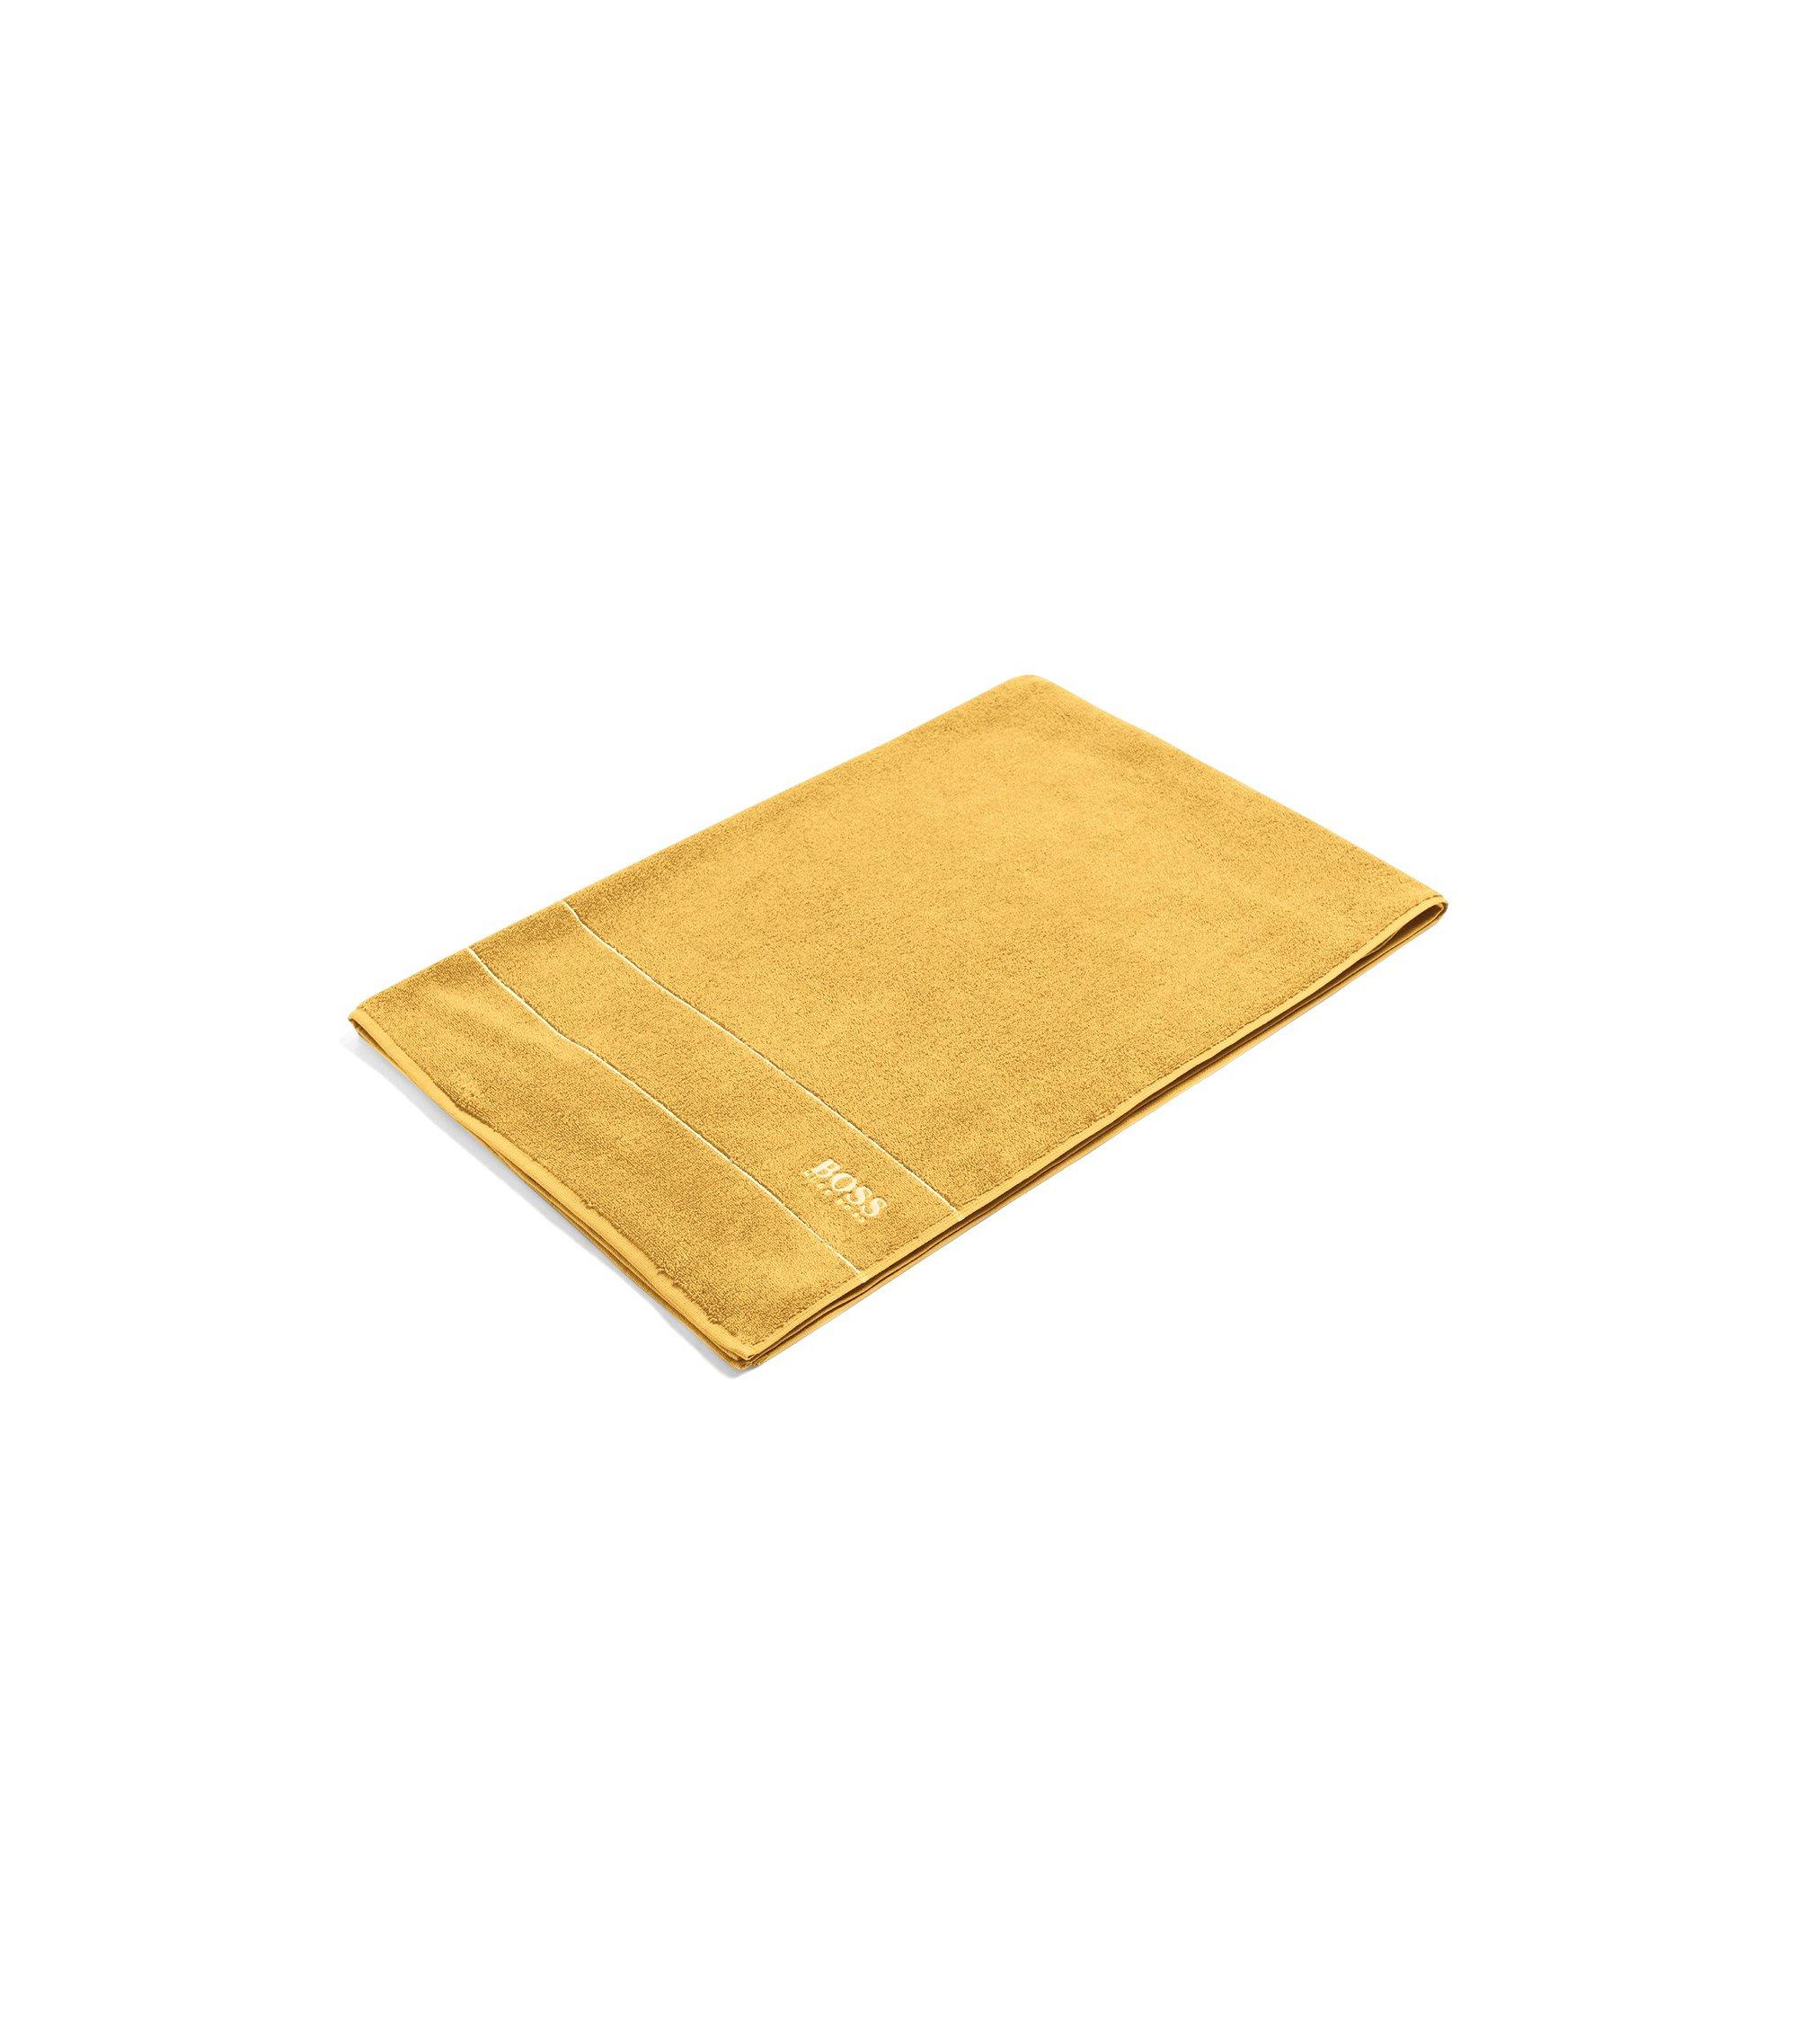 Serviette de bain en coton égyptien des plus raffinés avec bordure logo, Or